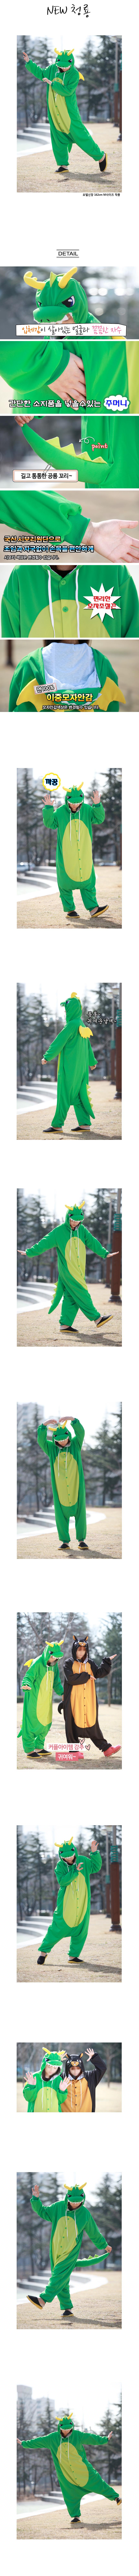 사계절동물잠옷-NEW청룡 - 사자크동물잠옷, 37,000원, 잠옷, 커플파자마